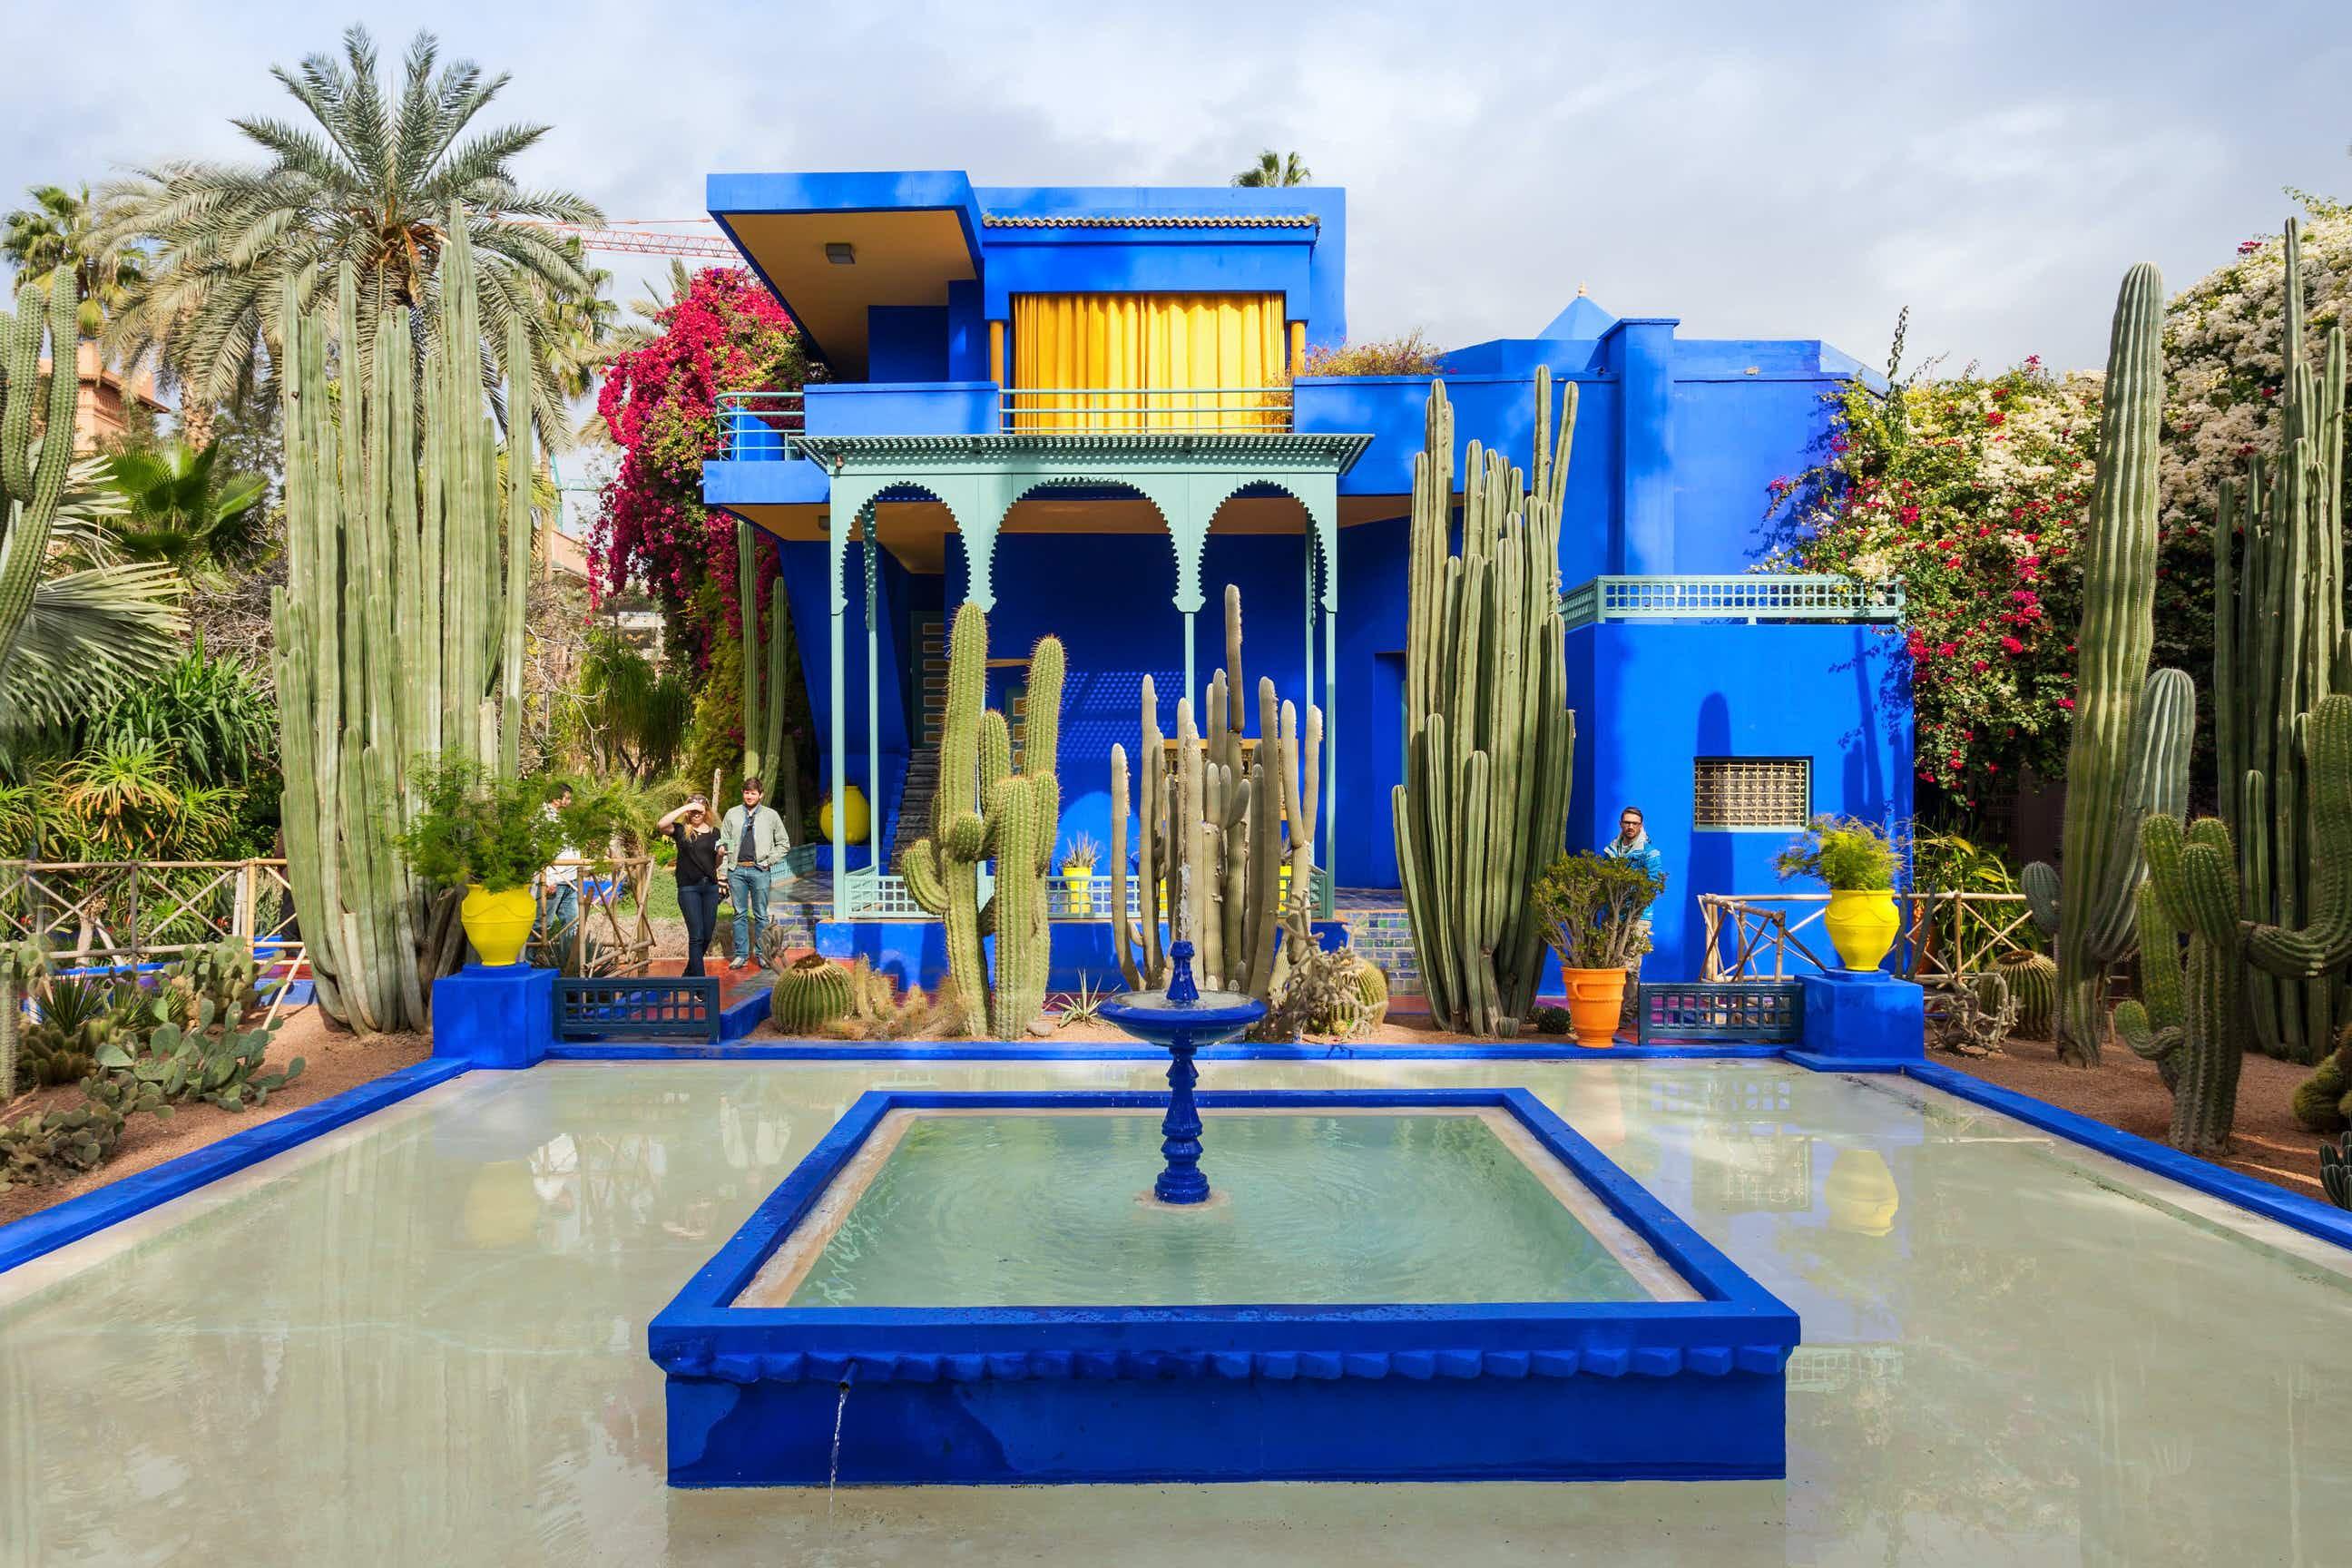 The vibrant world inside YSL's Jardin Majorelle in Marrakesh © saiko3p / Shutterstock